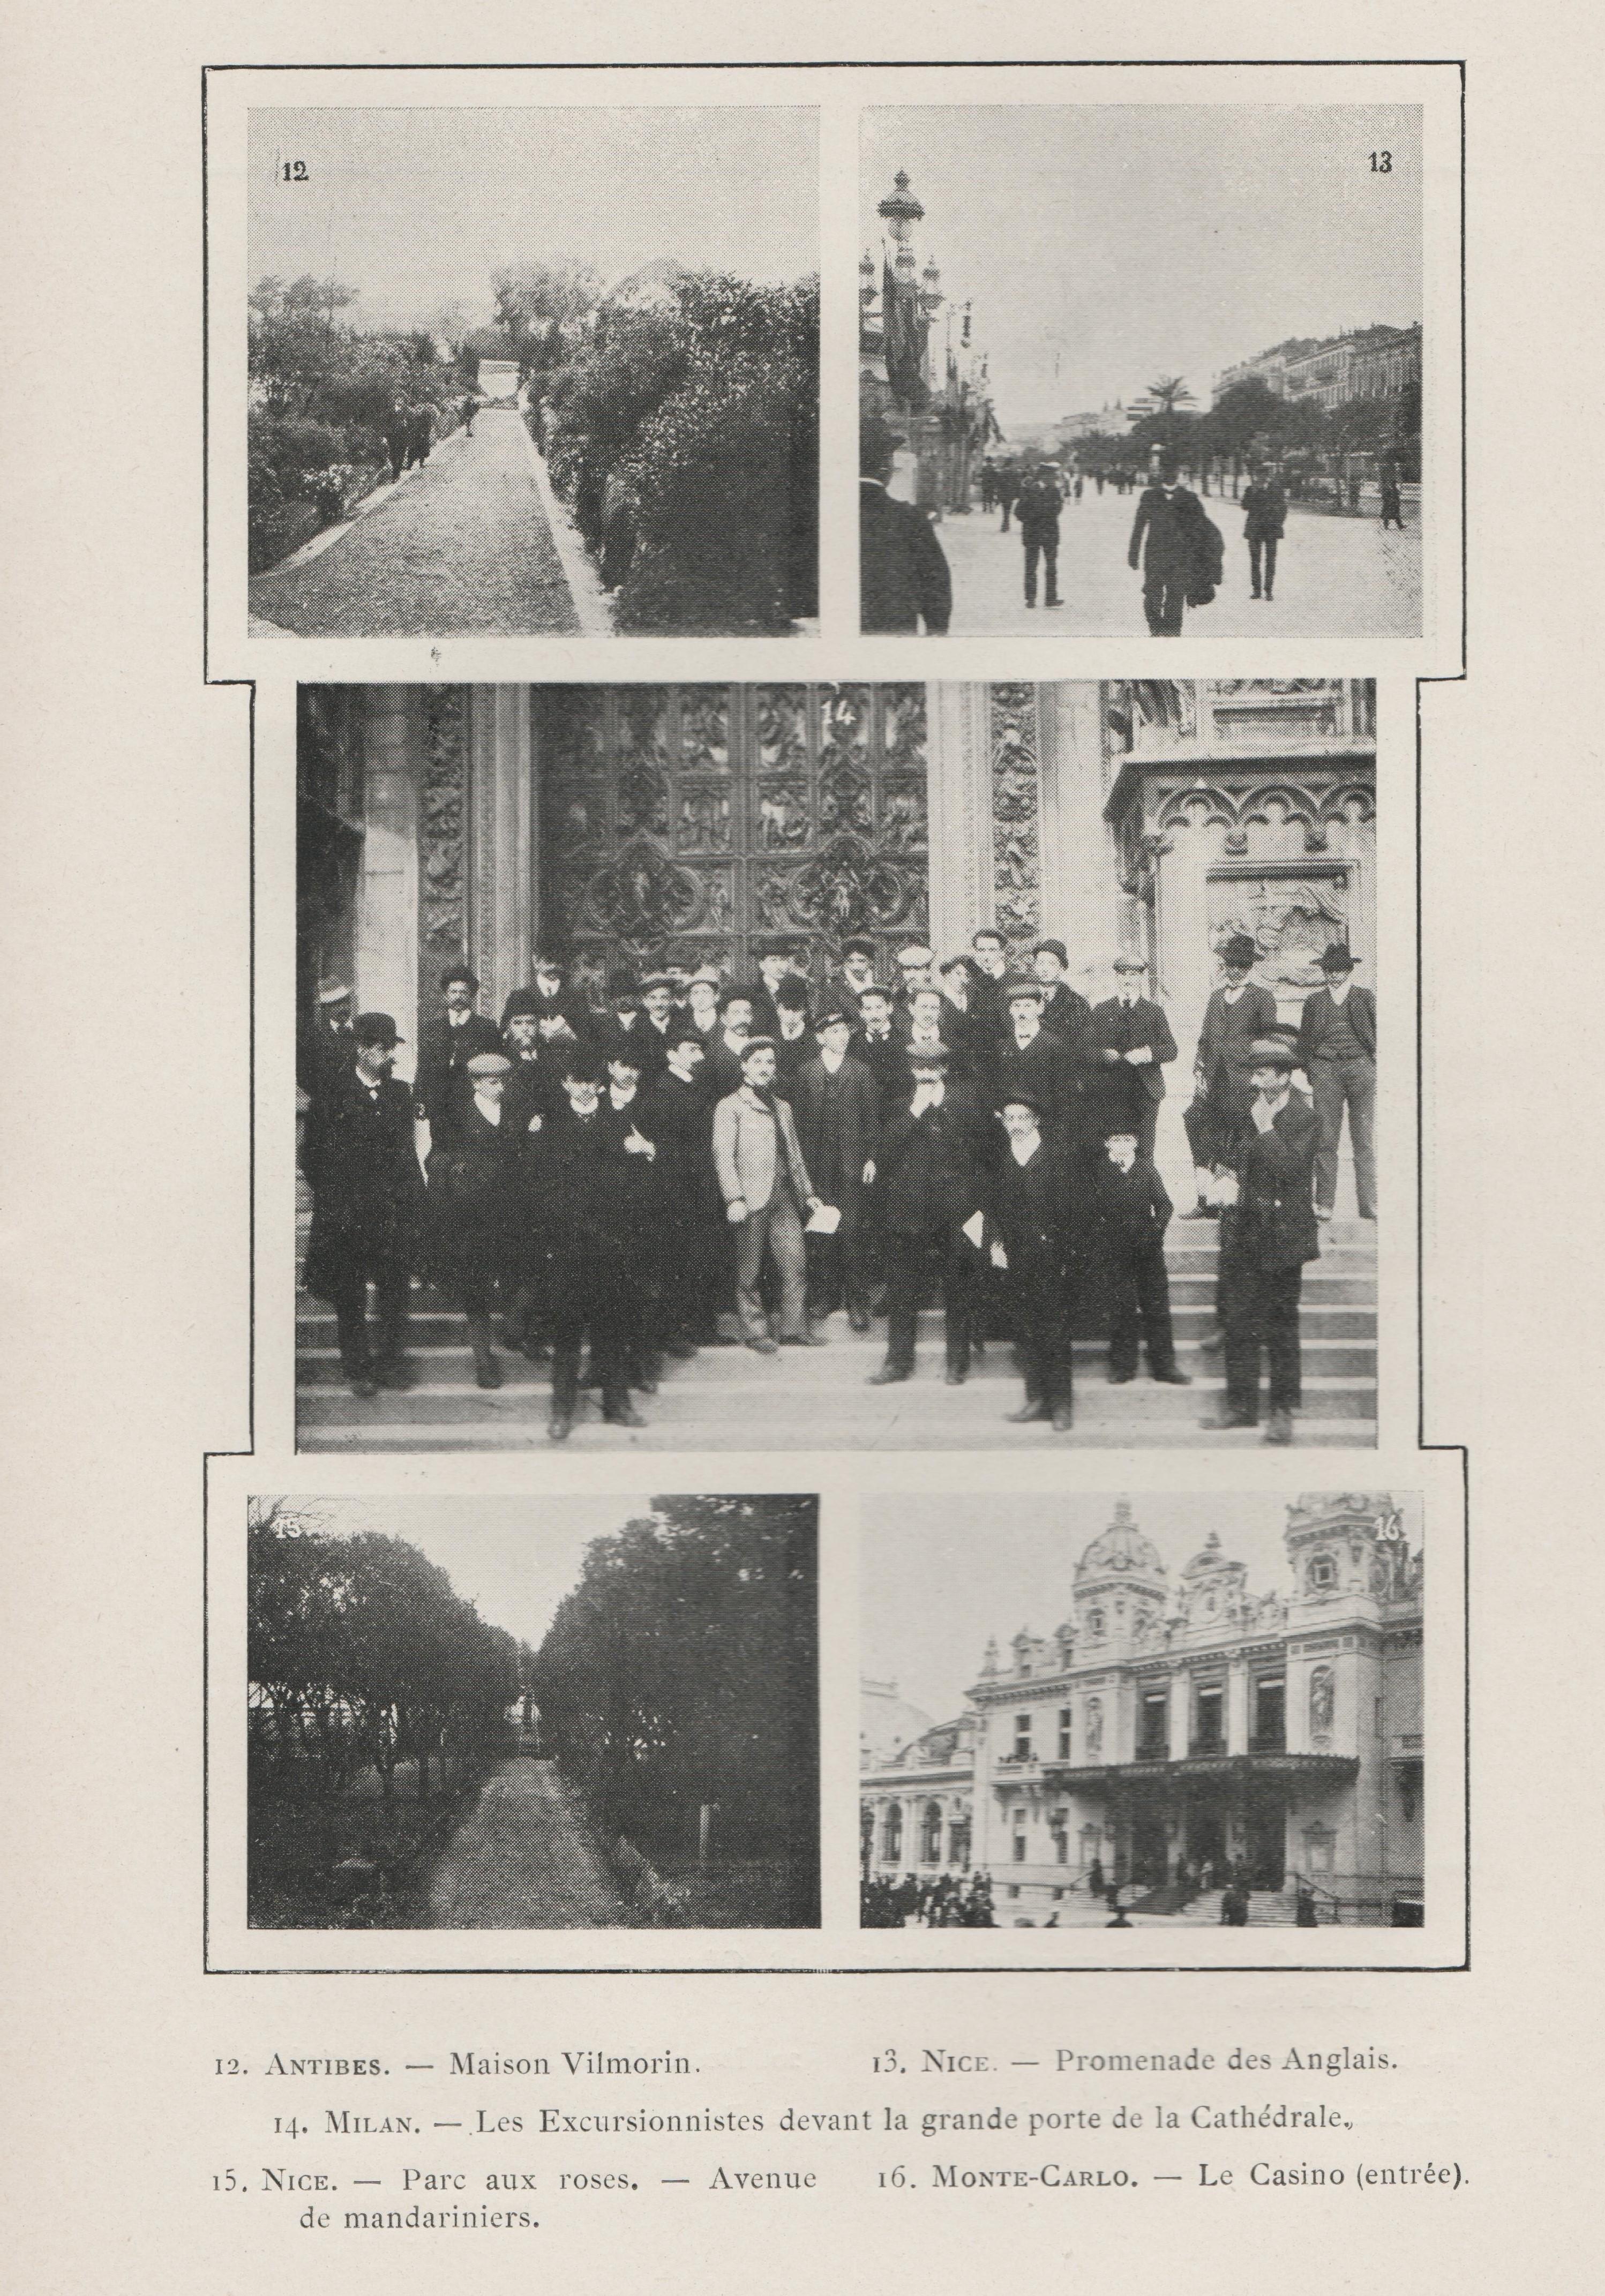 En haut à gauche, l'Etablissement Vimorin-Andrieux à Empel en 1908, photos de S. MOTTET (2)